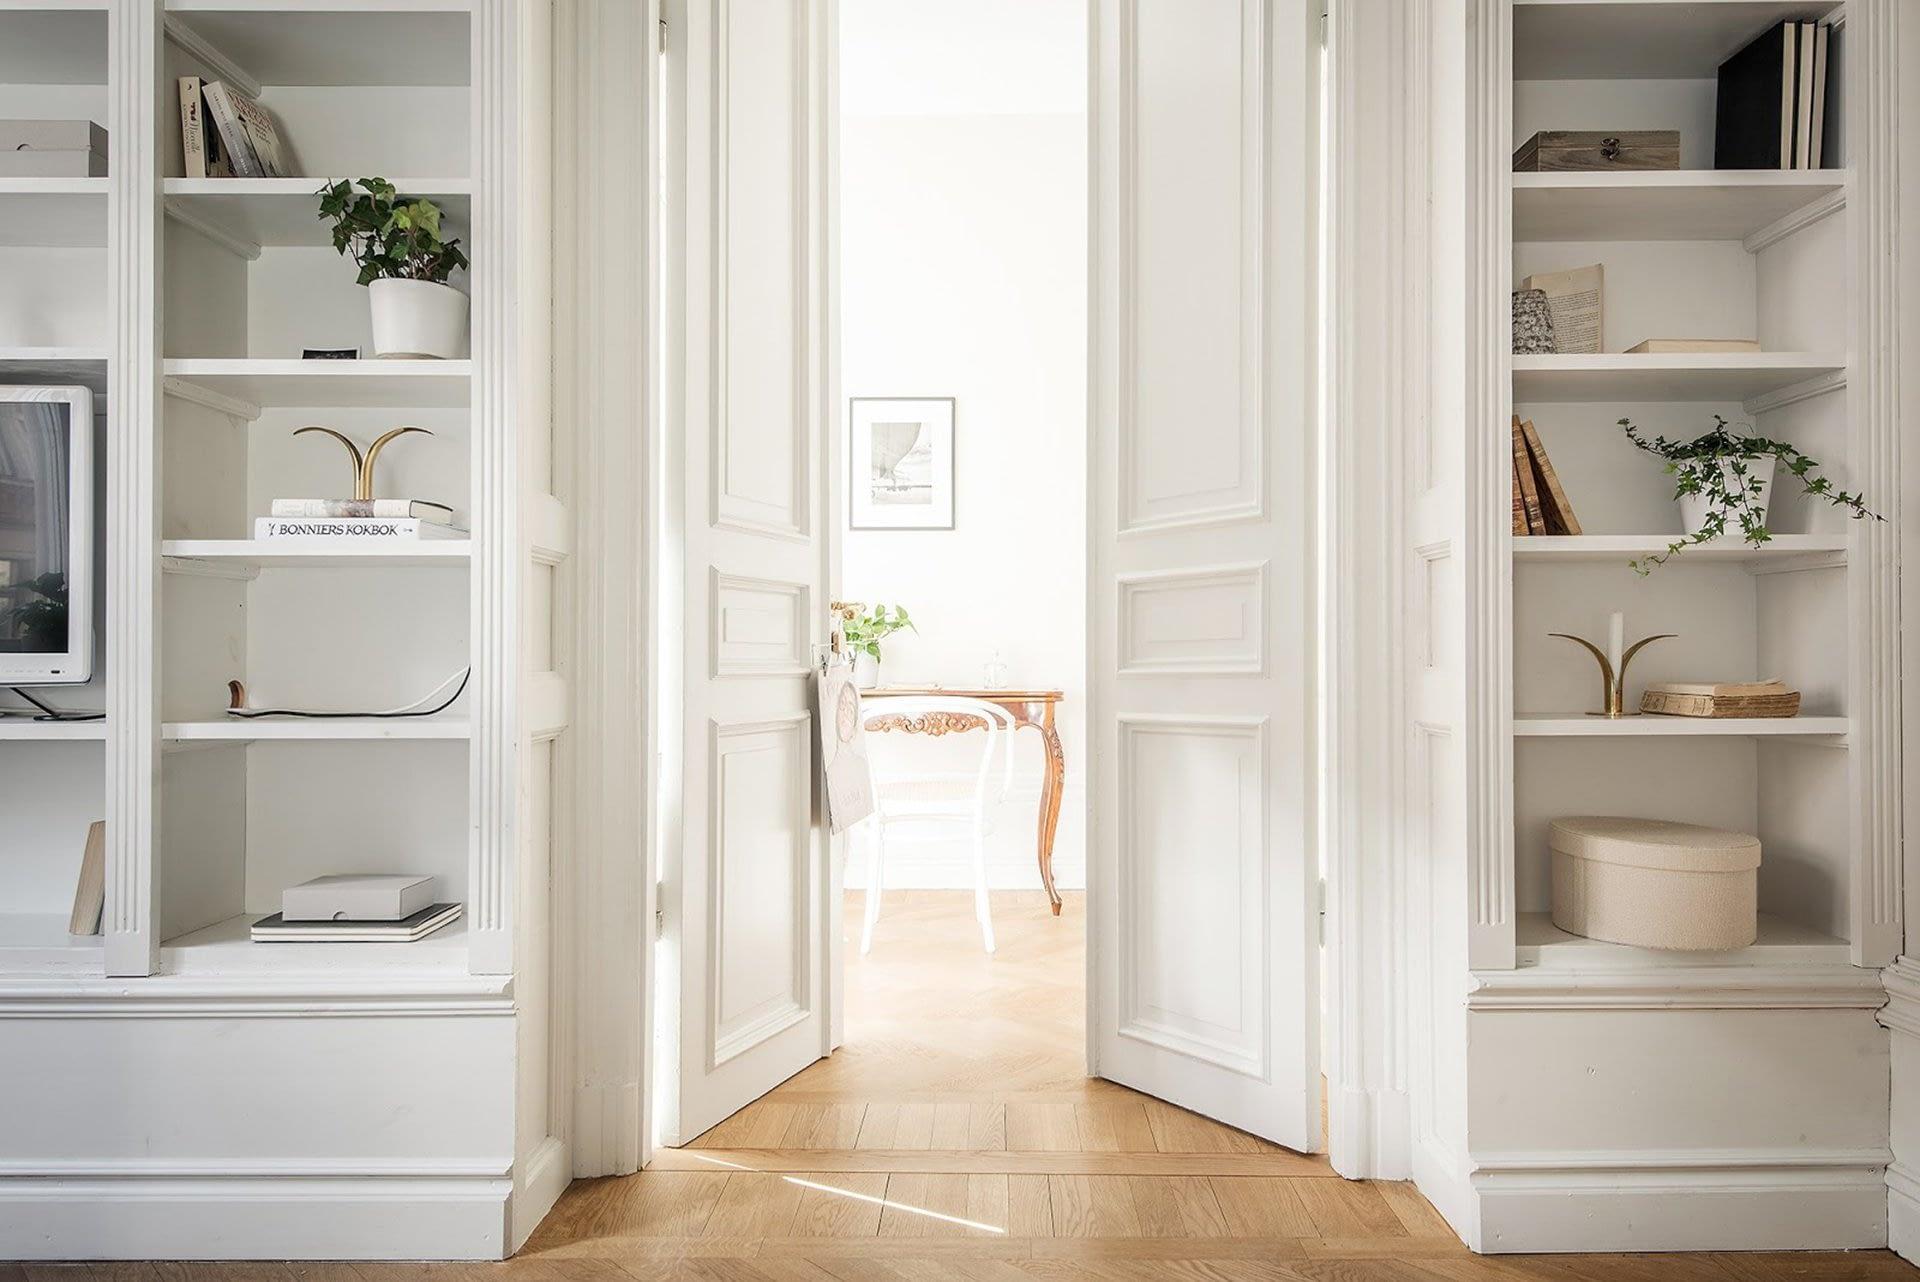 Amenajare scandinava in tonuri naturale de culoare intr-un apartament de 43 mp. 13